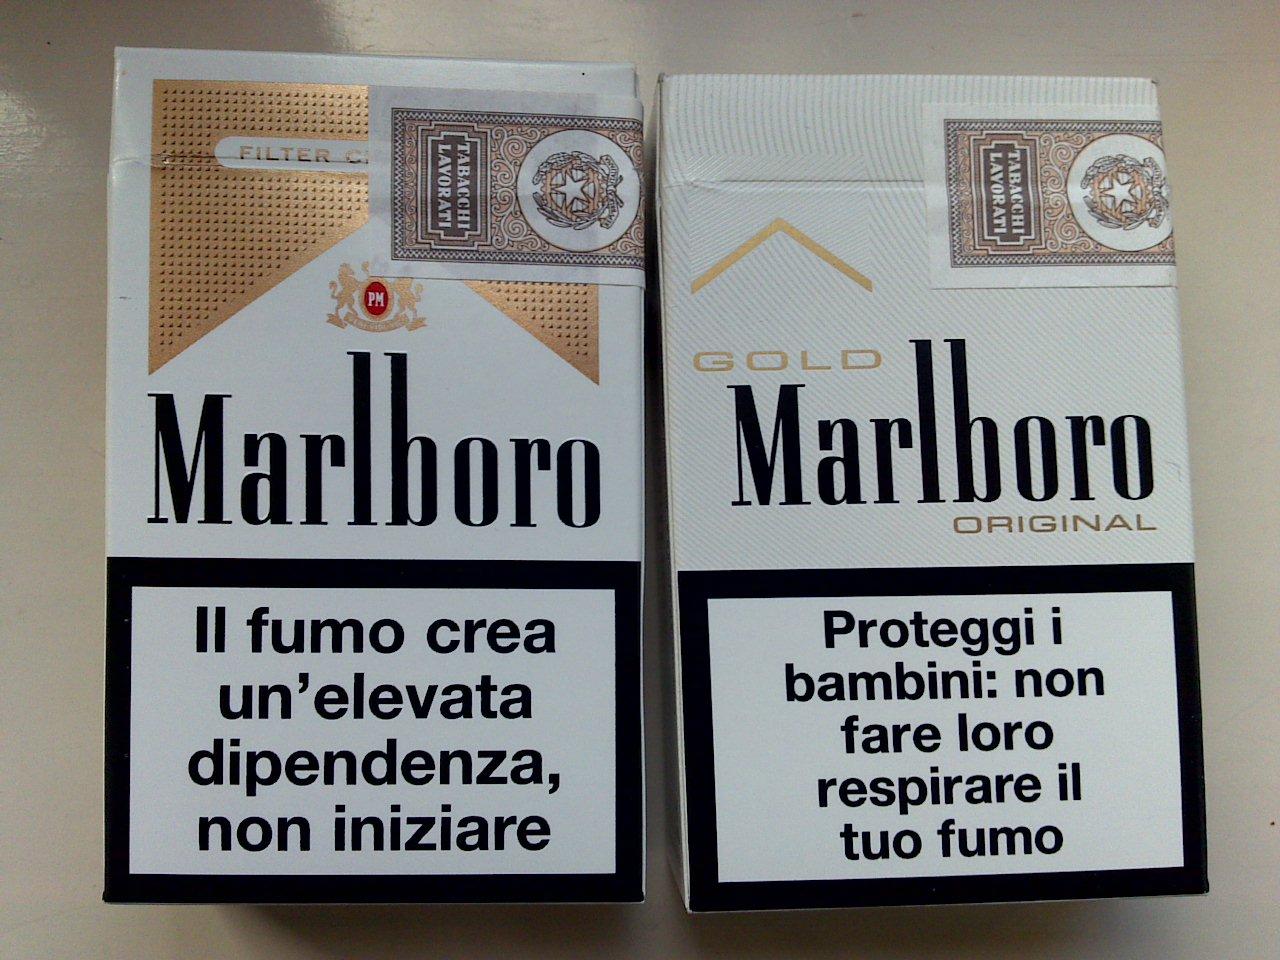 Che essere impegnato a questo in chi ha smesso di fumare